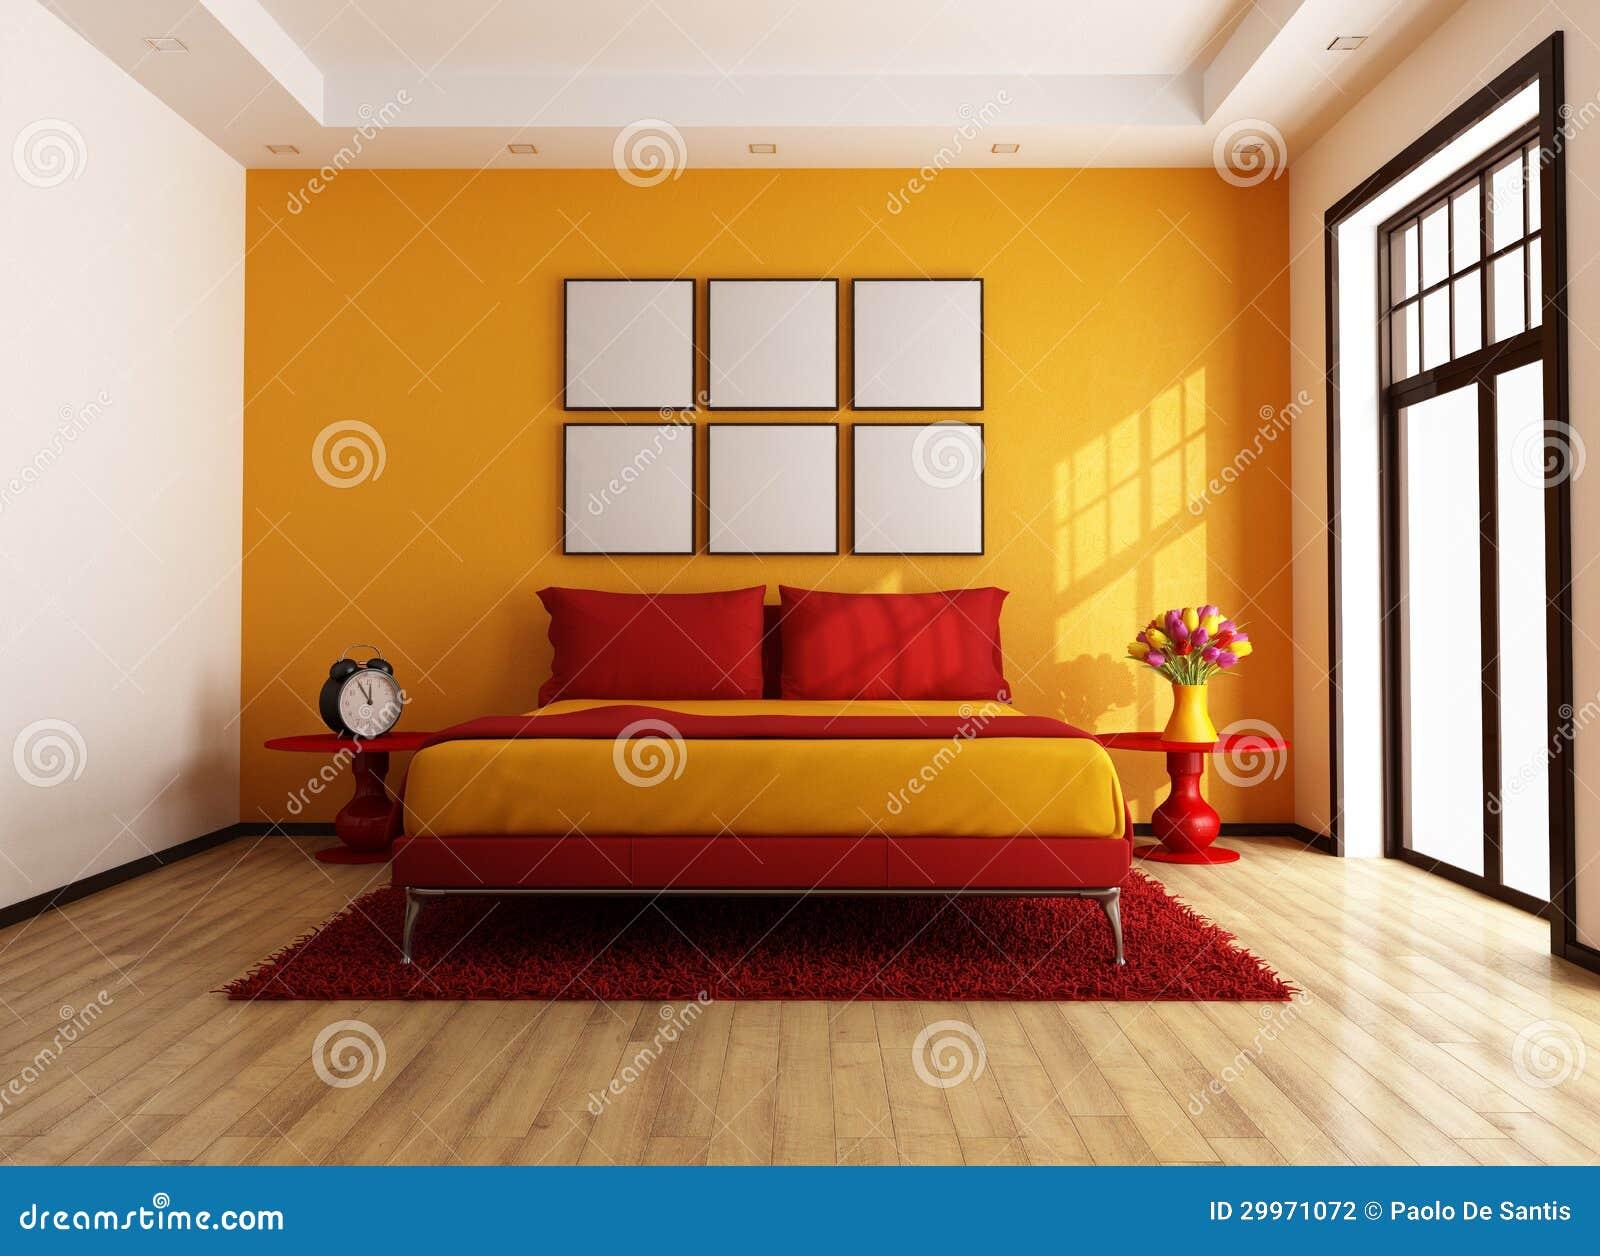 Rotes Und Orange Zeitgenössisches Schlafzimmer Stock Abbildung ...